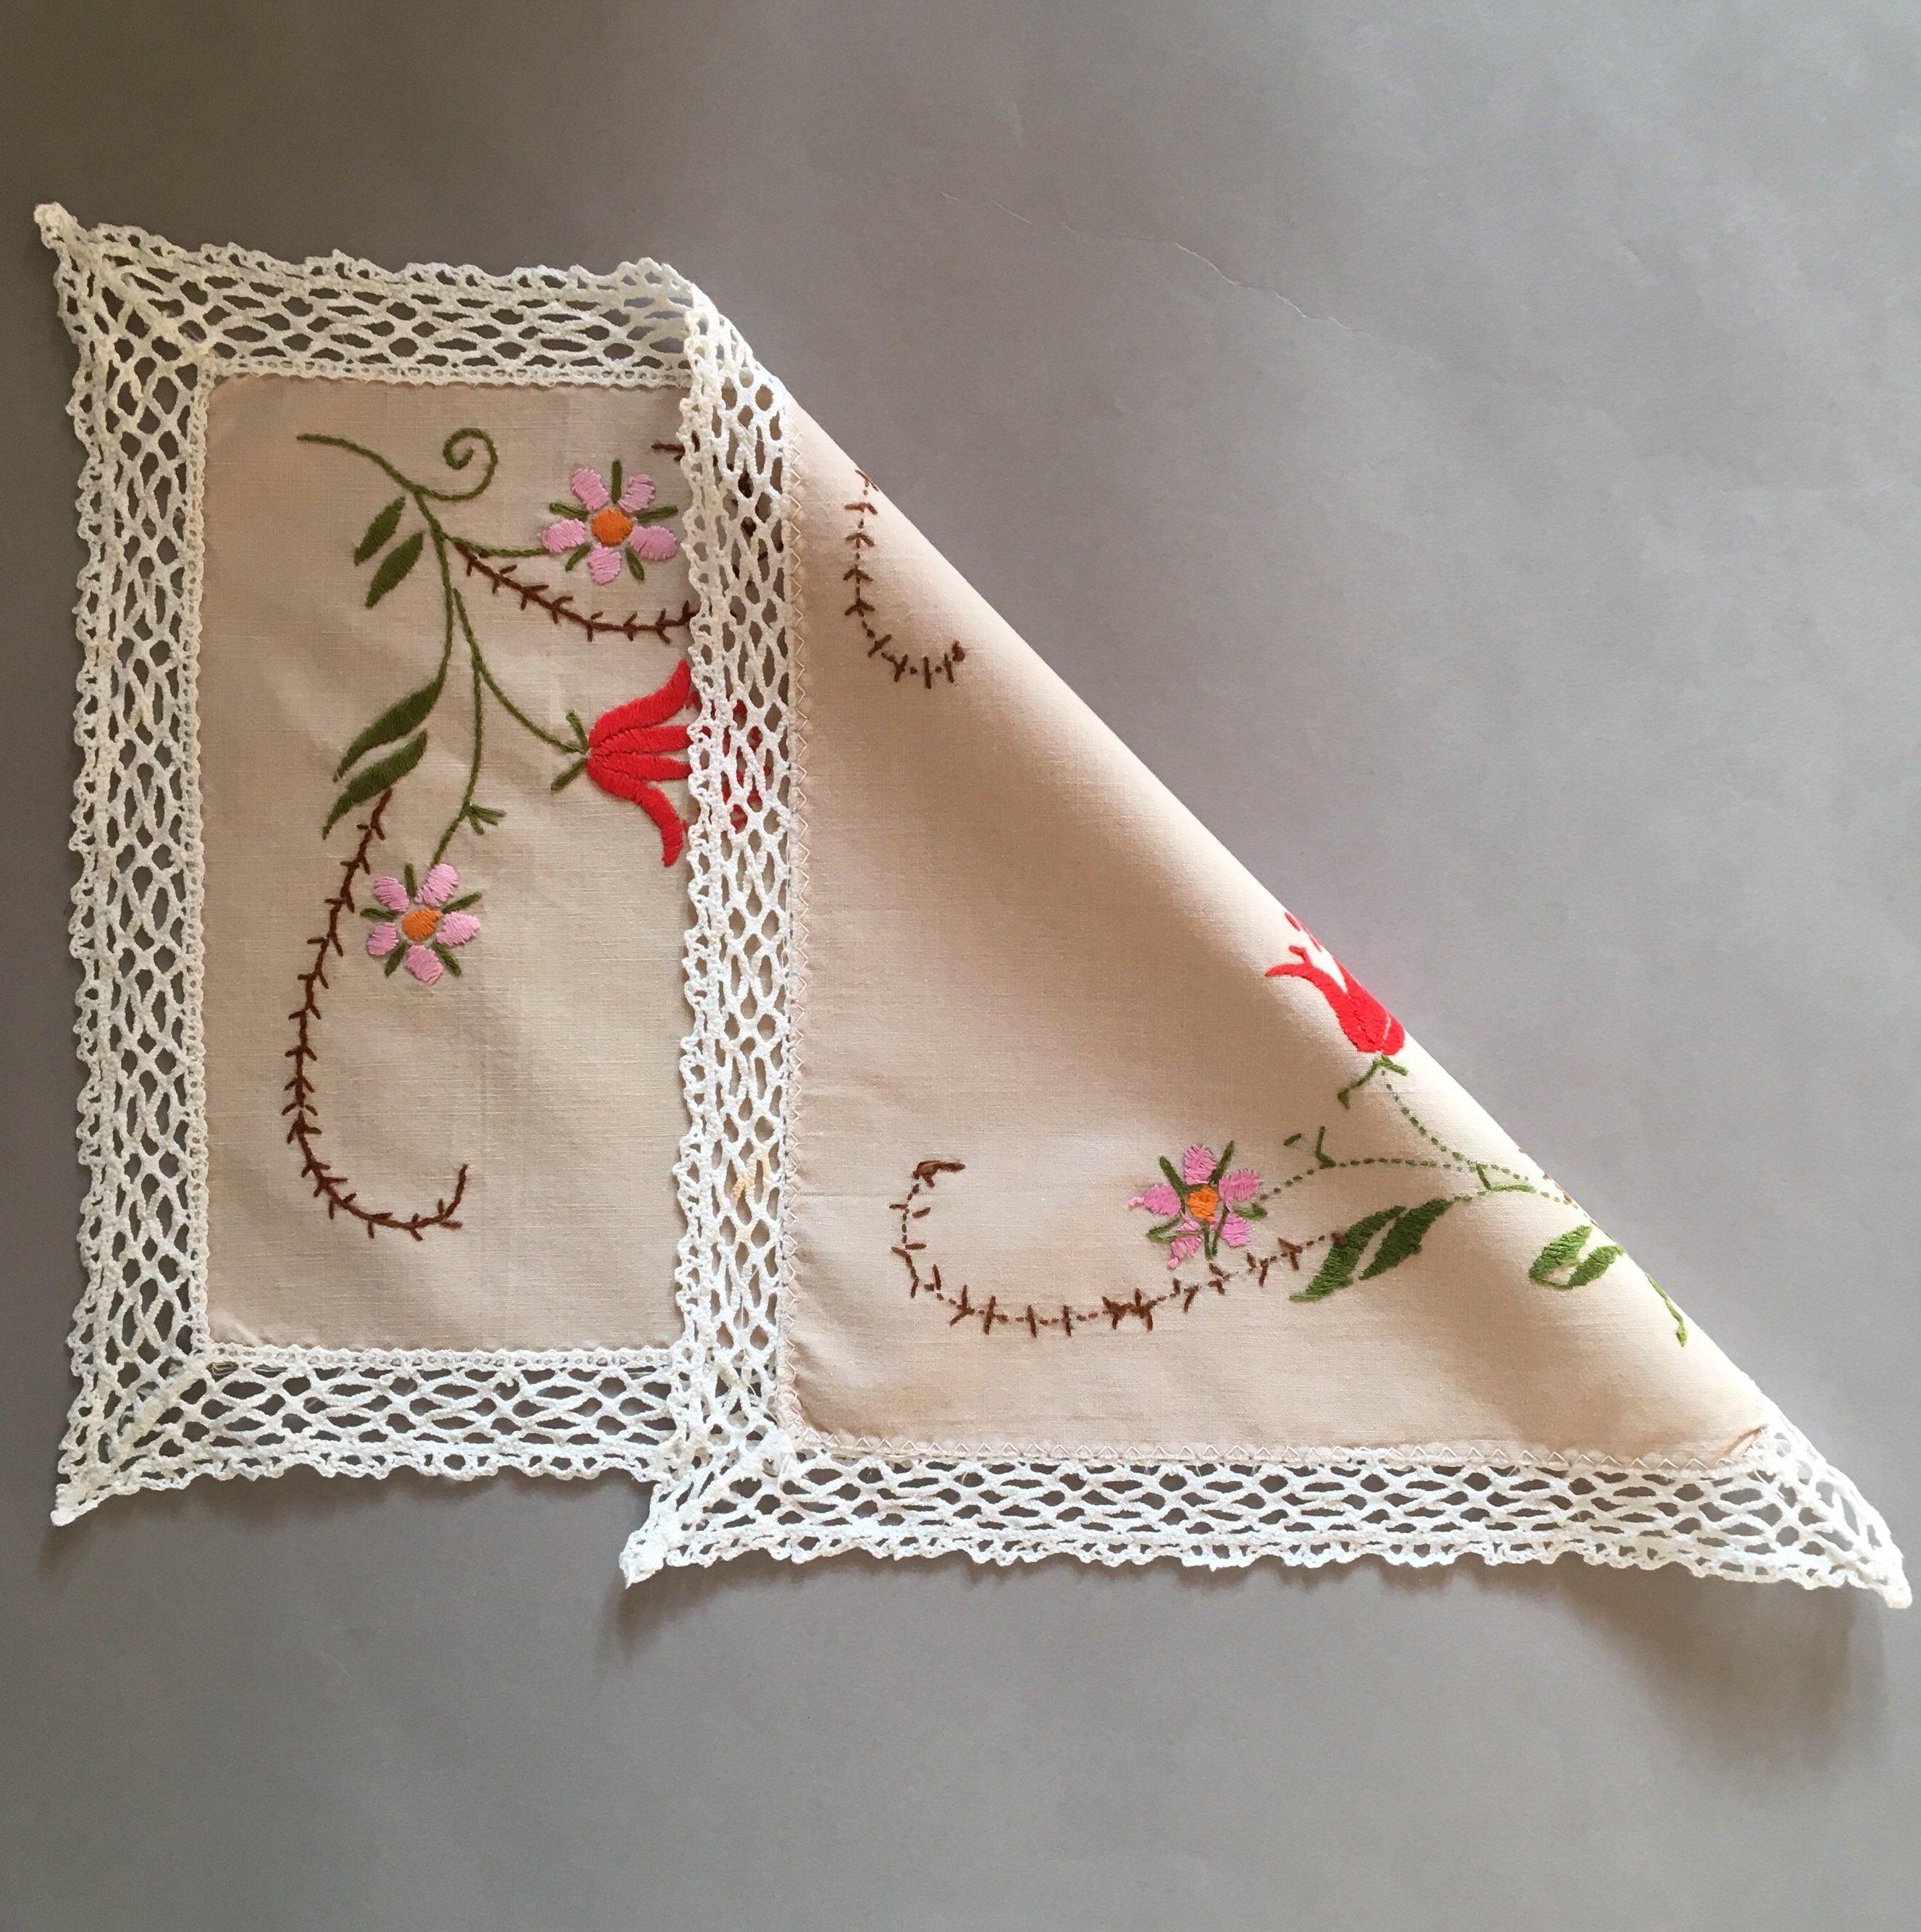 Napperon brodé. Rouge broderie florale. Centre de table rectangulaire. Napperon fait main vintage. Shabby Chic. Vintage Français. Décor de Noël #decorationnoelfaitmain New In #etsy#EmbroideredDoily #RedFloral #Embroidery #Rectangular #Centerpiece #Vintage #Handmade #Doily #ShabbyChic #FrenchVintage #ChristmasDecor #etsyfr #vintageetsy #boho #hipster #latelierdenanah #homedecor #ideecadeau #giftideas #vintageshop #retro #antiques #decorationnoelfaitmain